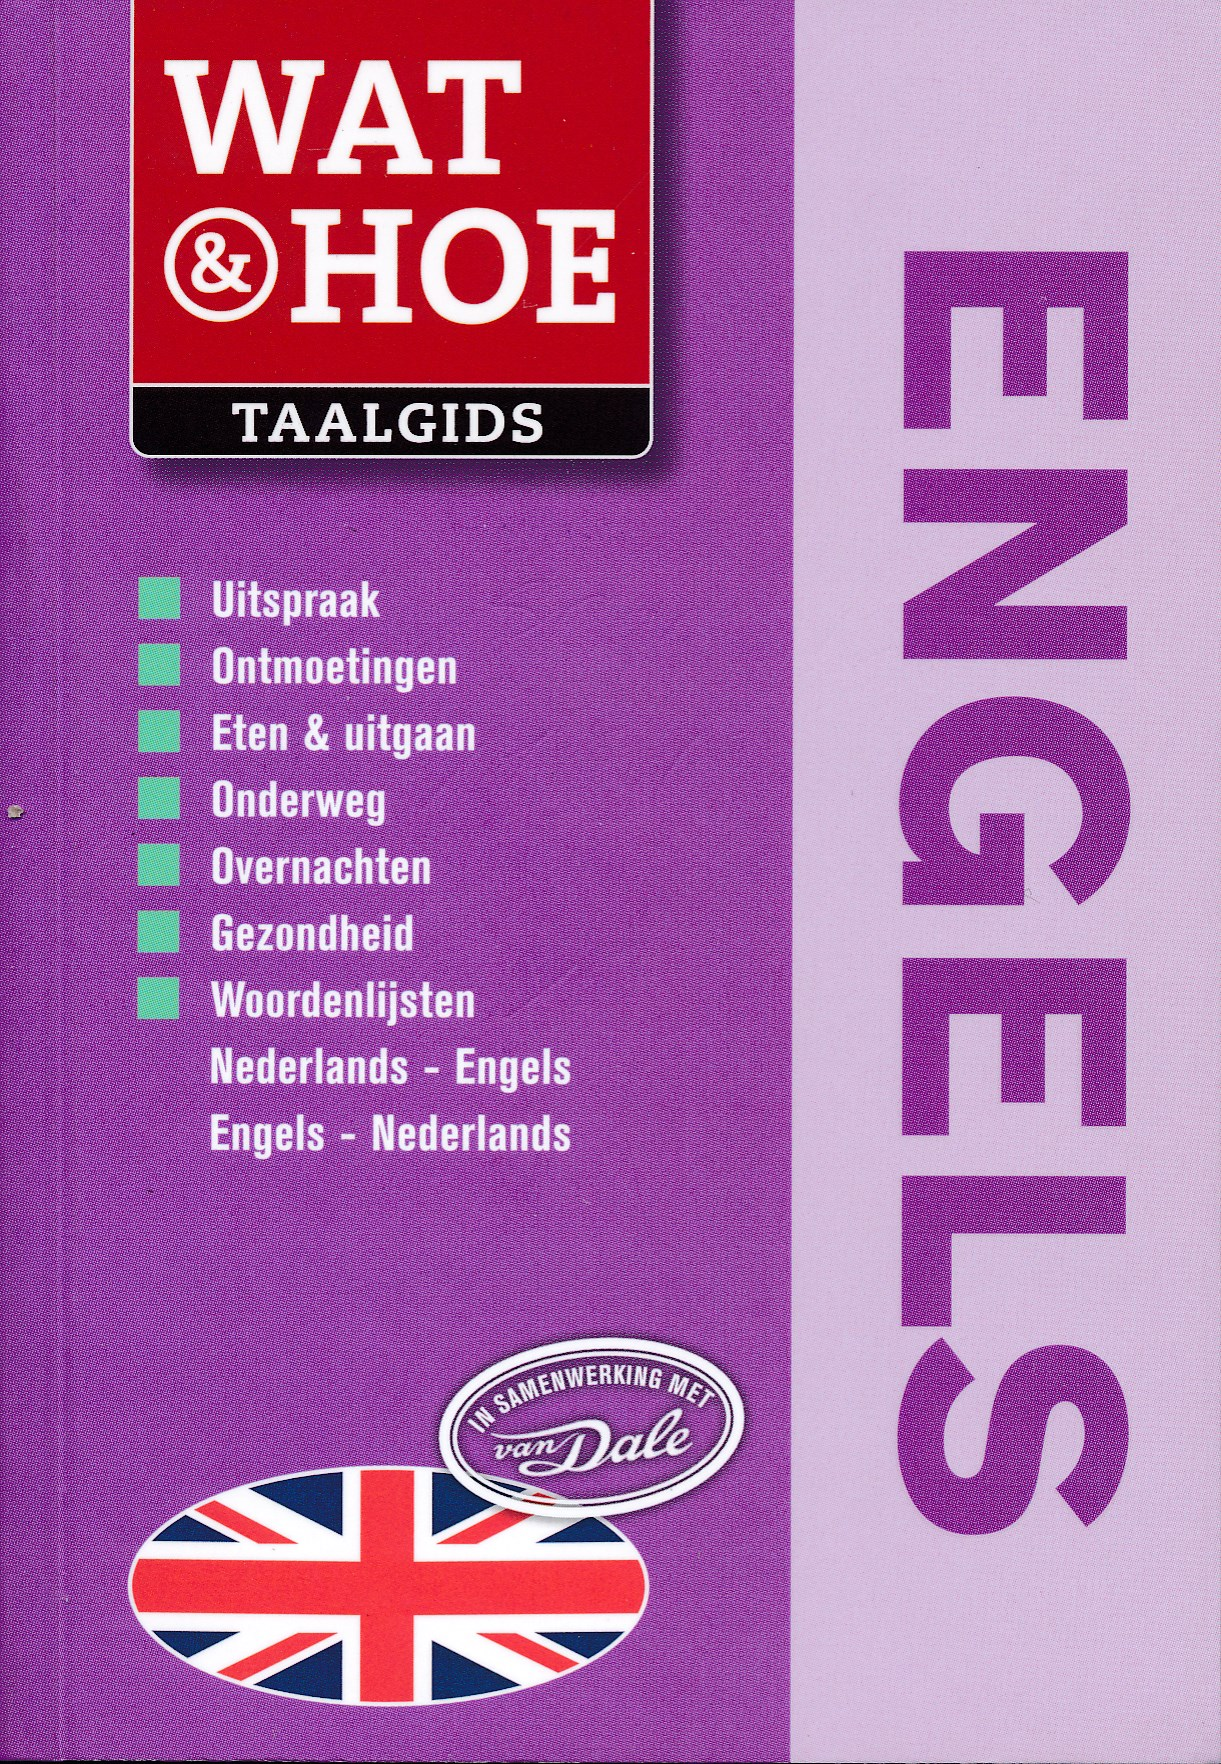 Taalgids - Woordenboek Wat en Hoe Engels   Kosmos